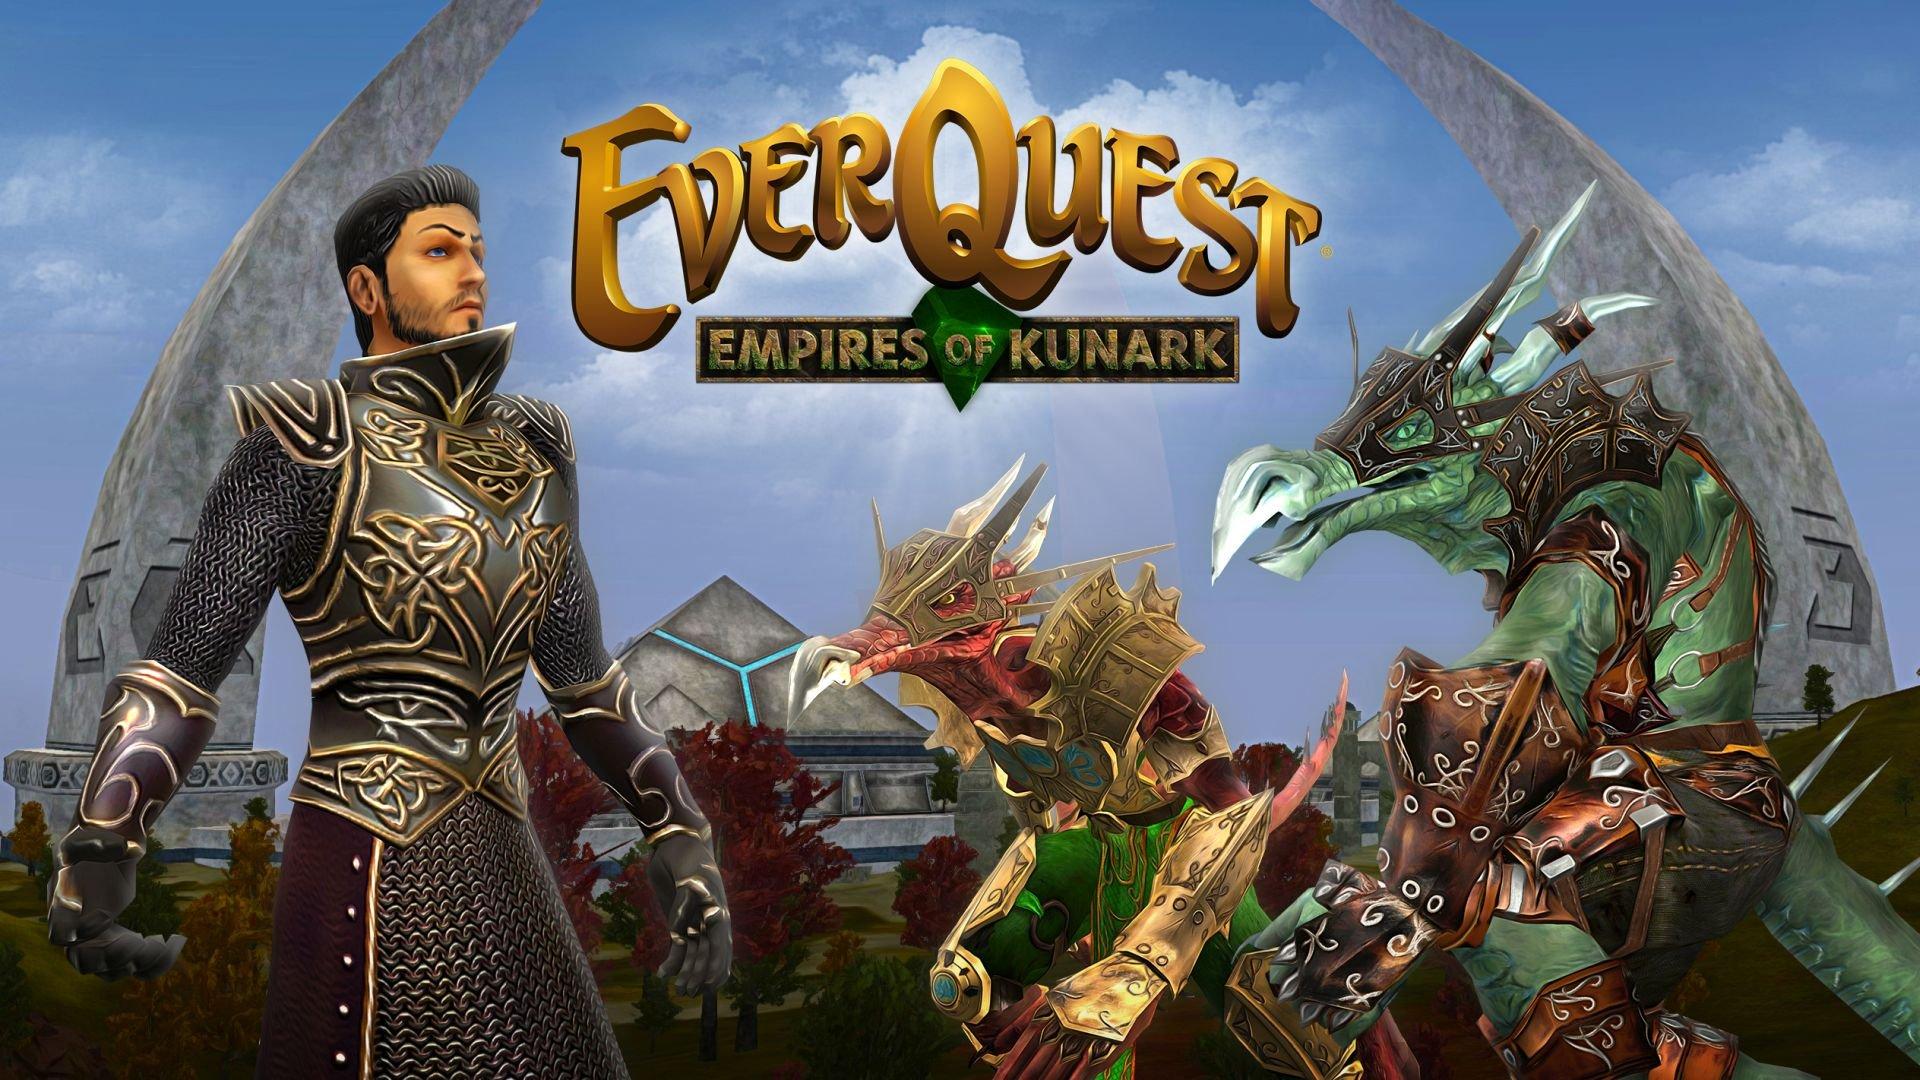 Image courtesy of Daybreak Games.